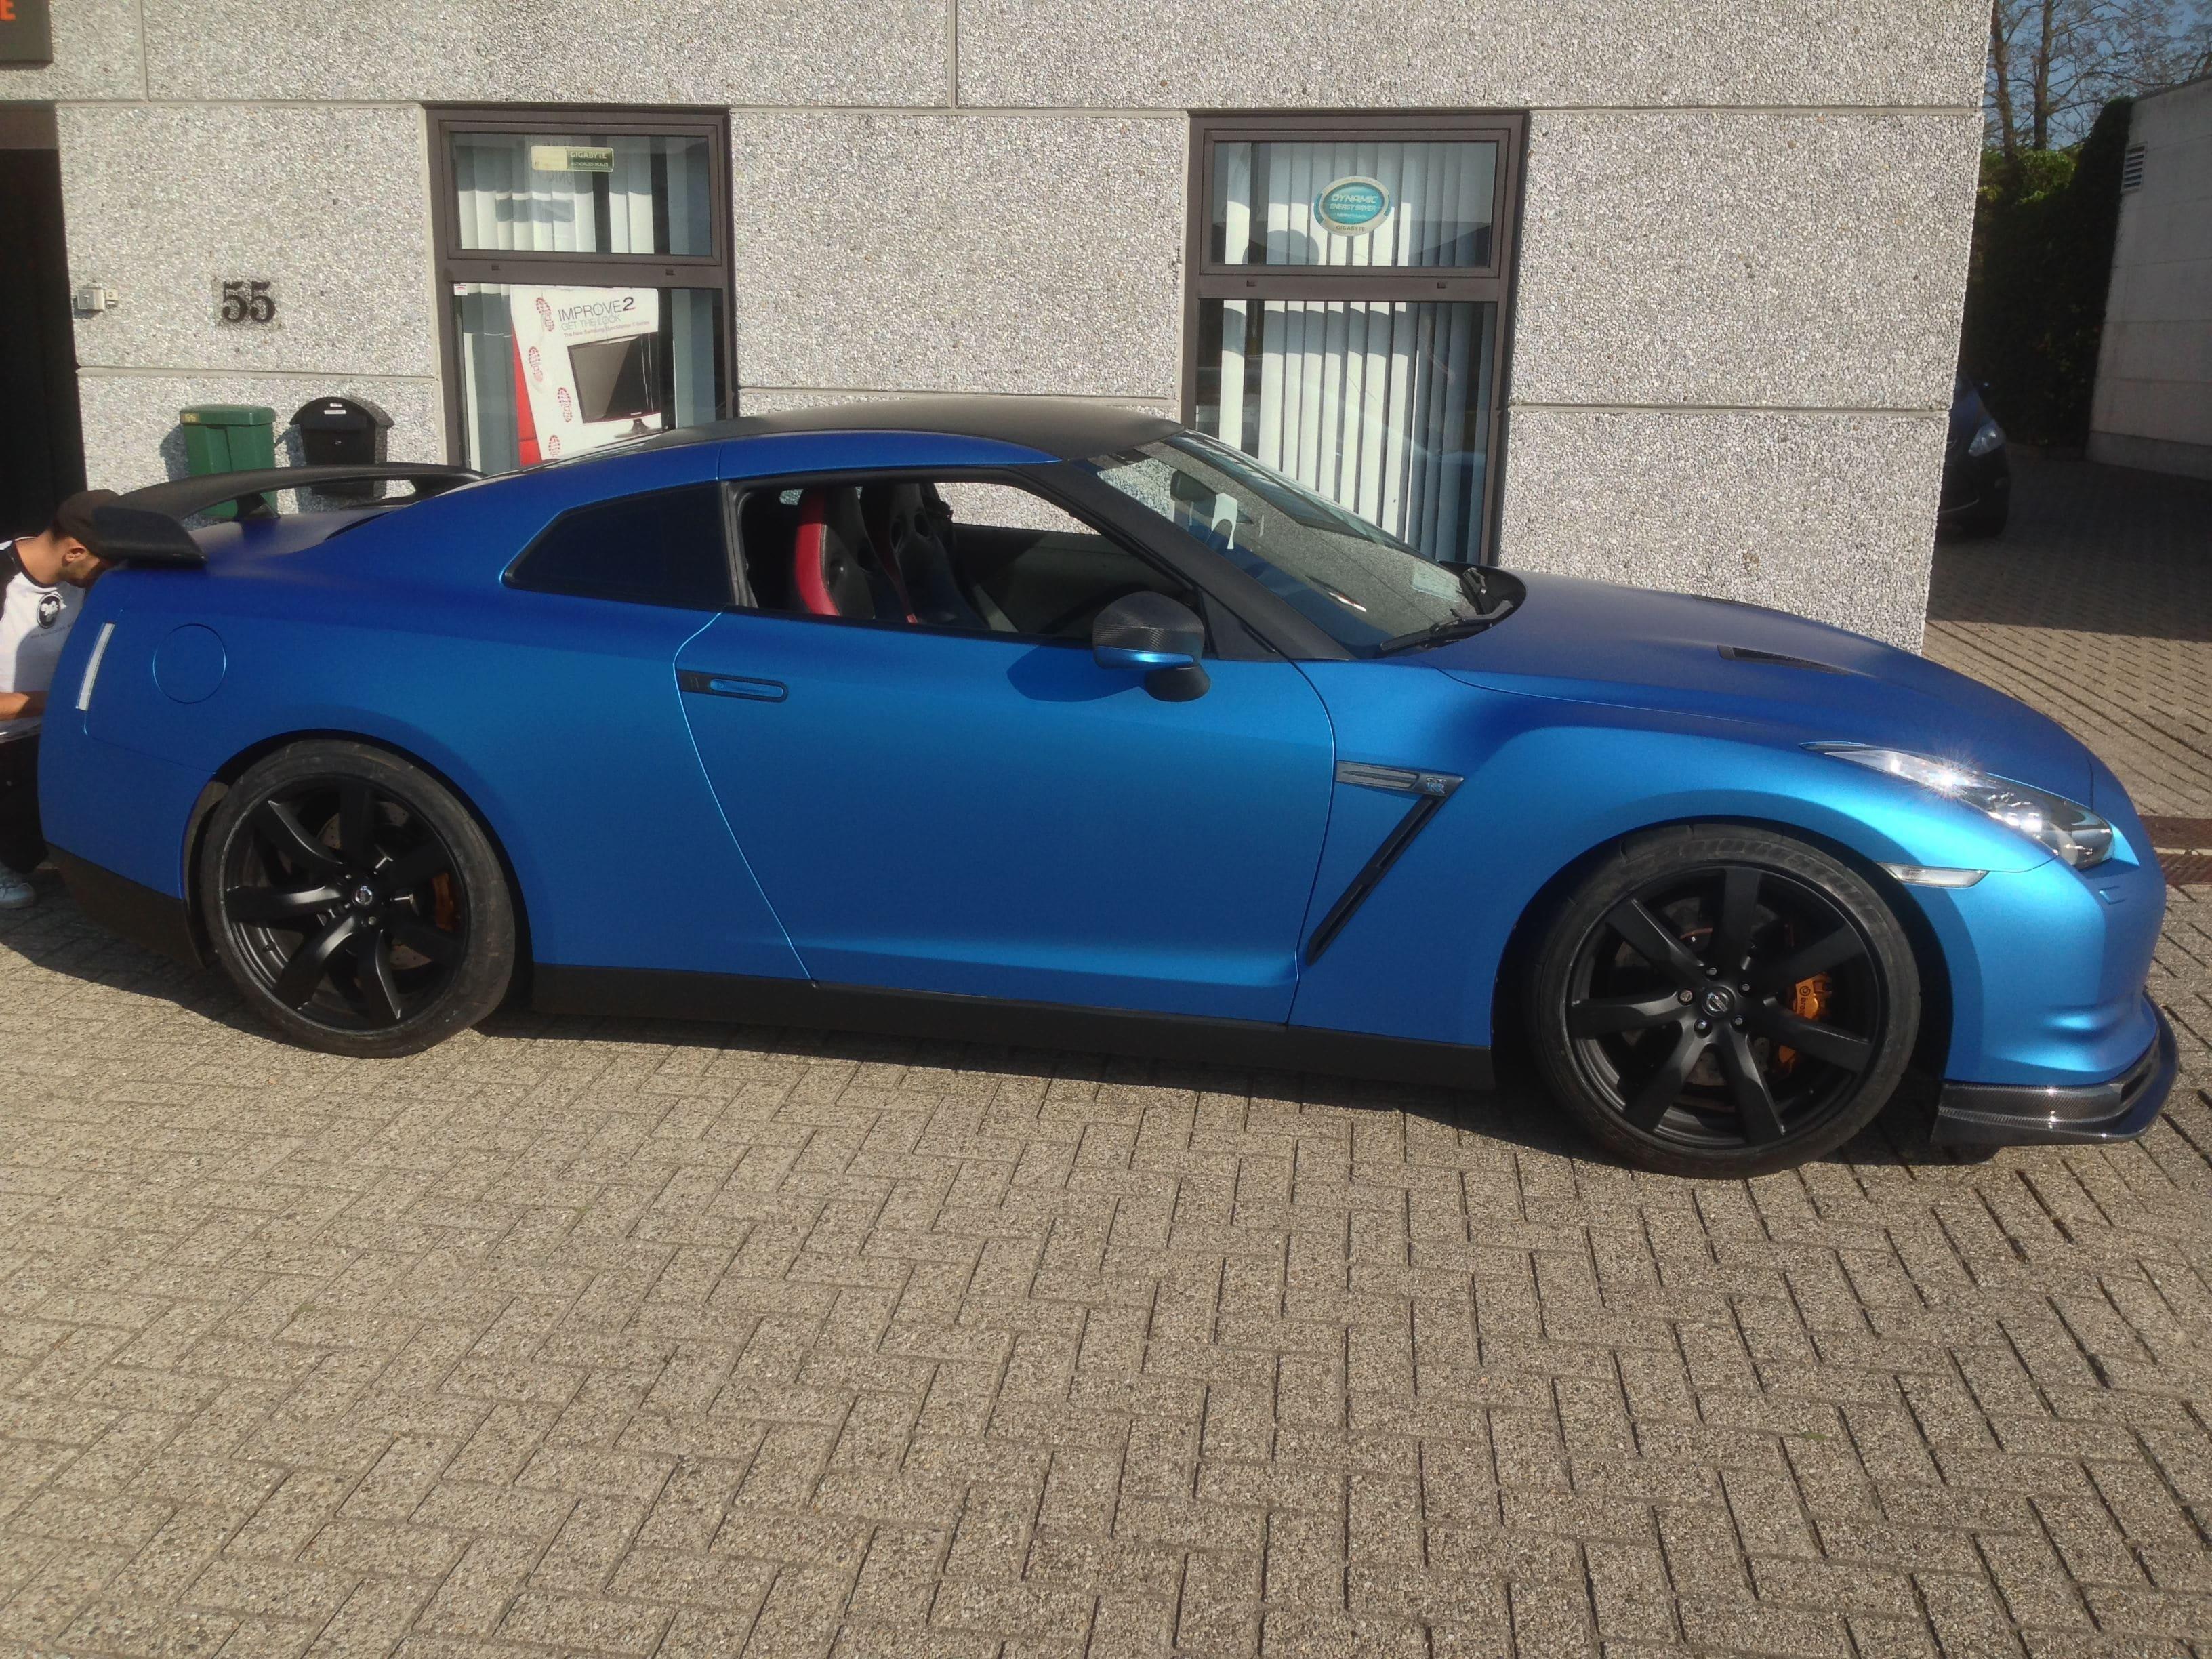 Nissan GT-R in Mat Blauwe Wrap, Carwrapping door Wrapmyride.nu Foto-nr:6535, ©2021